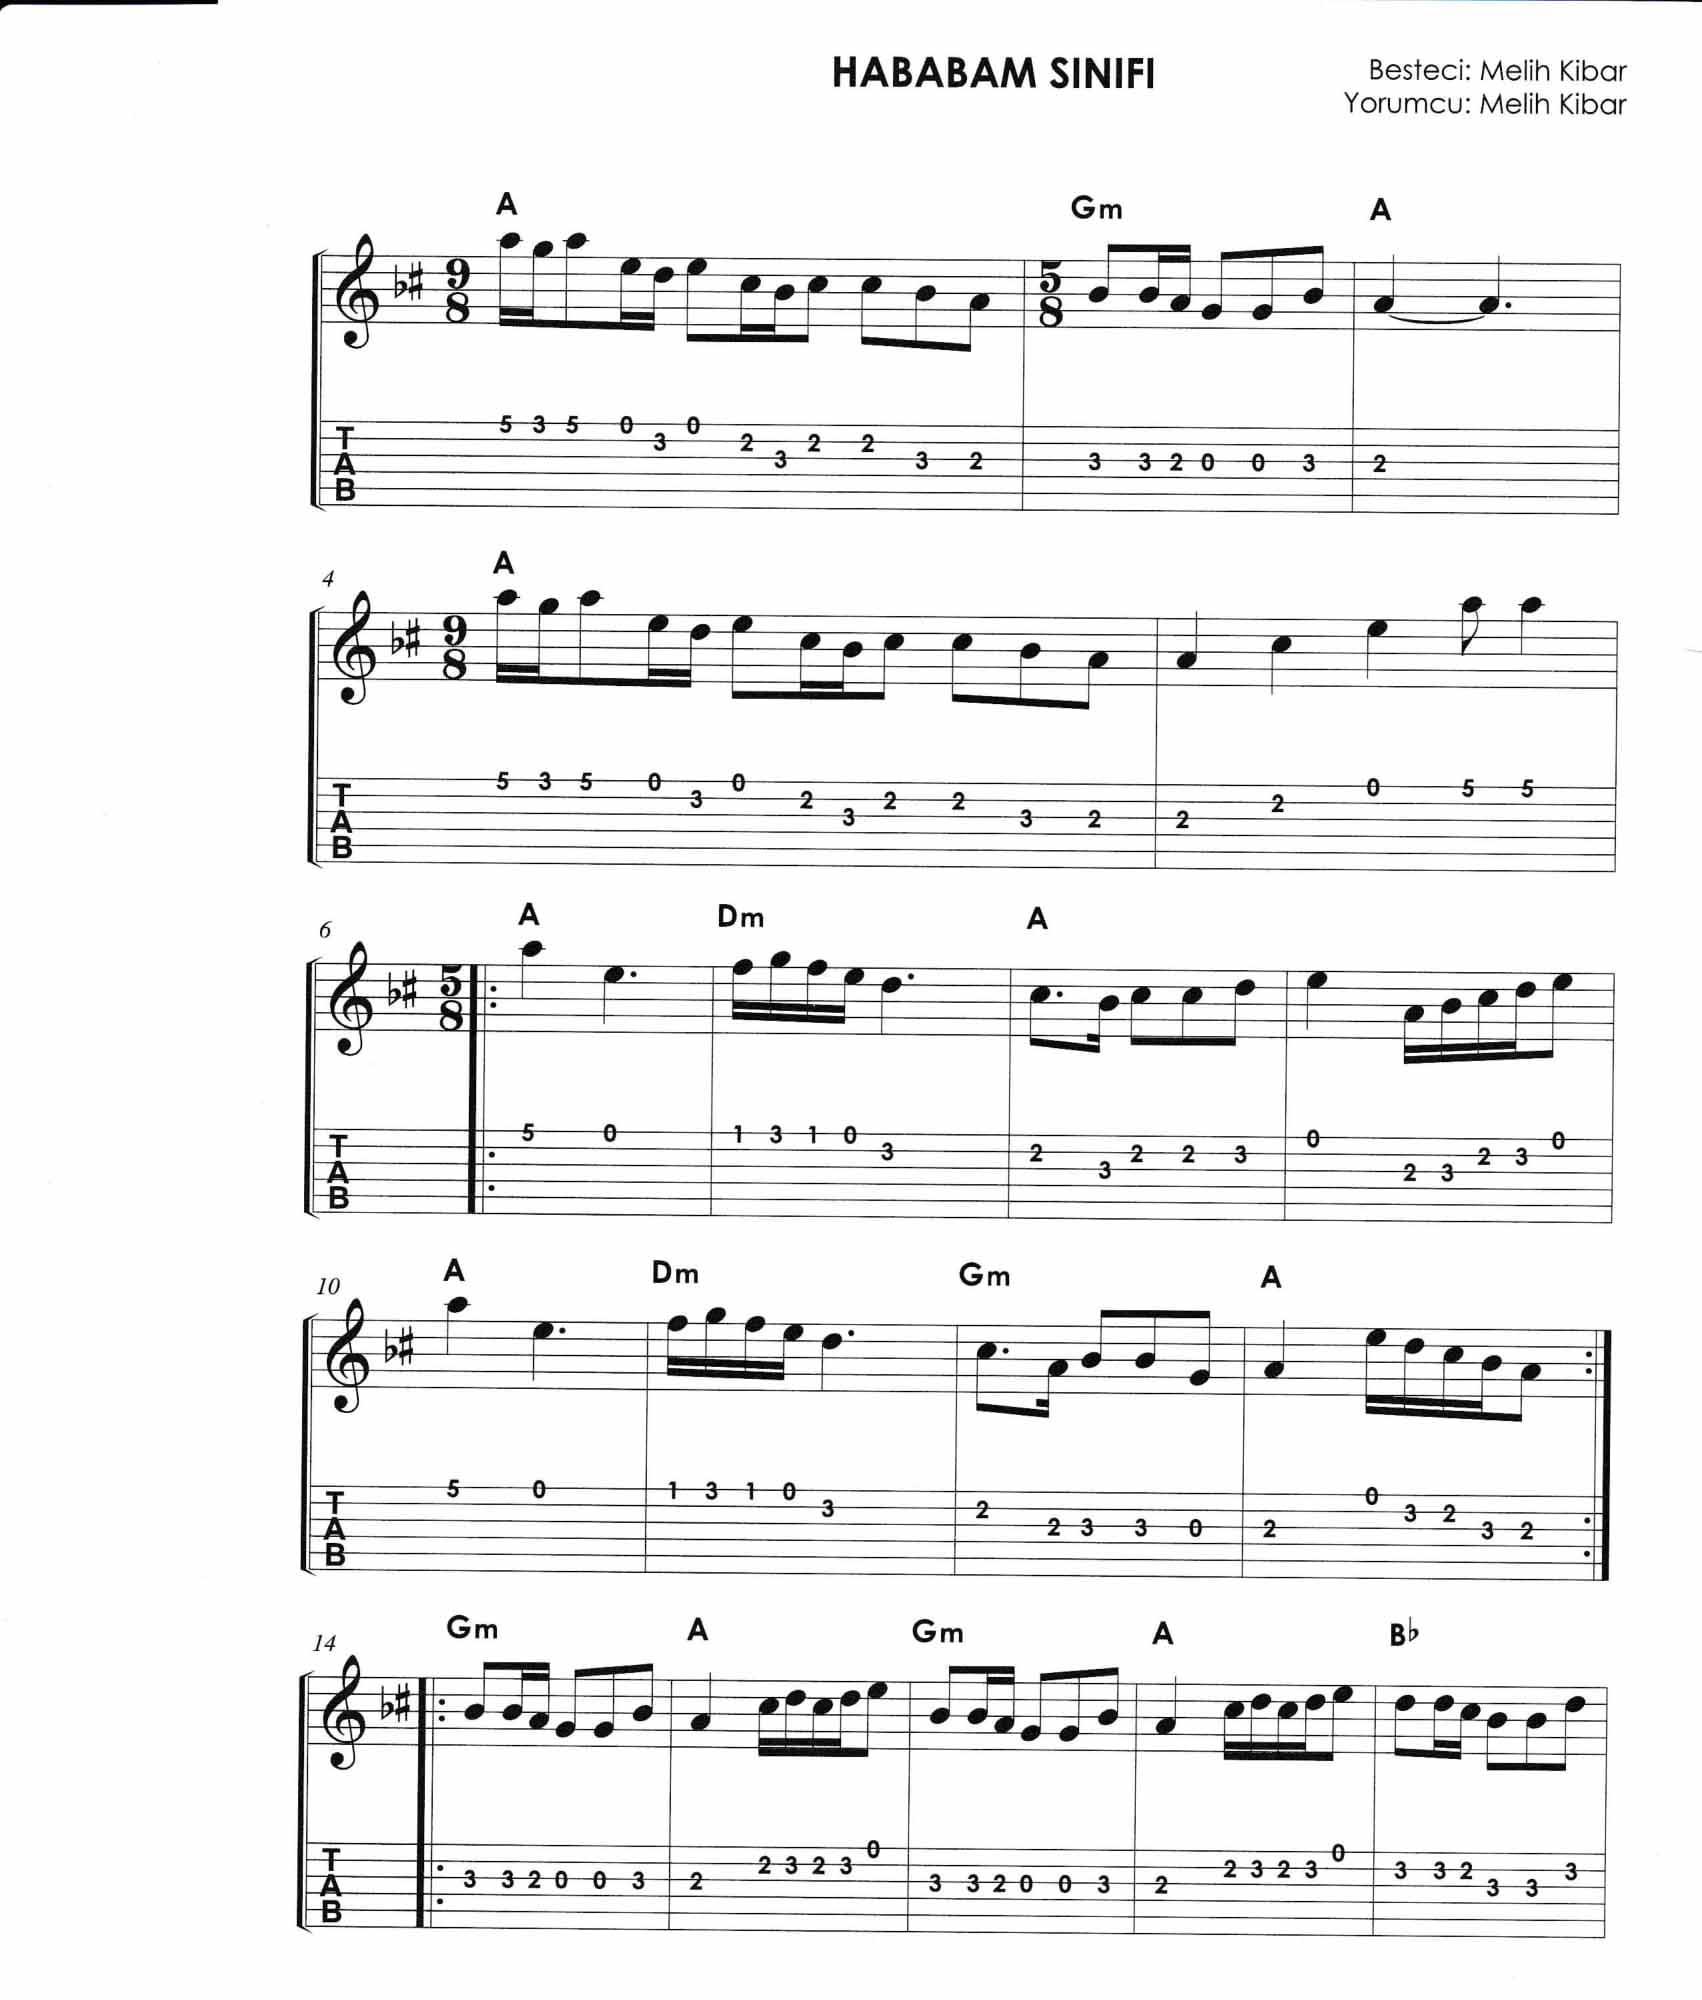 Hababam Sınıfı Gitar Notaları 2